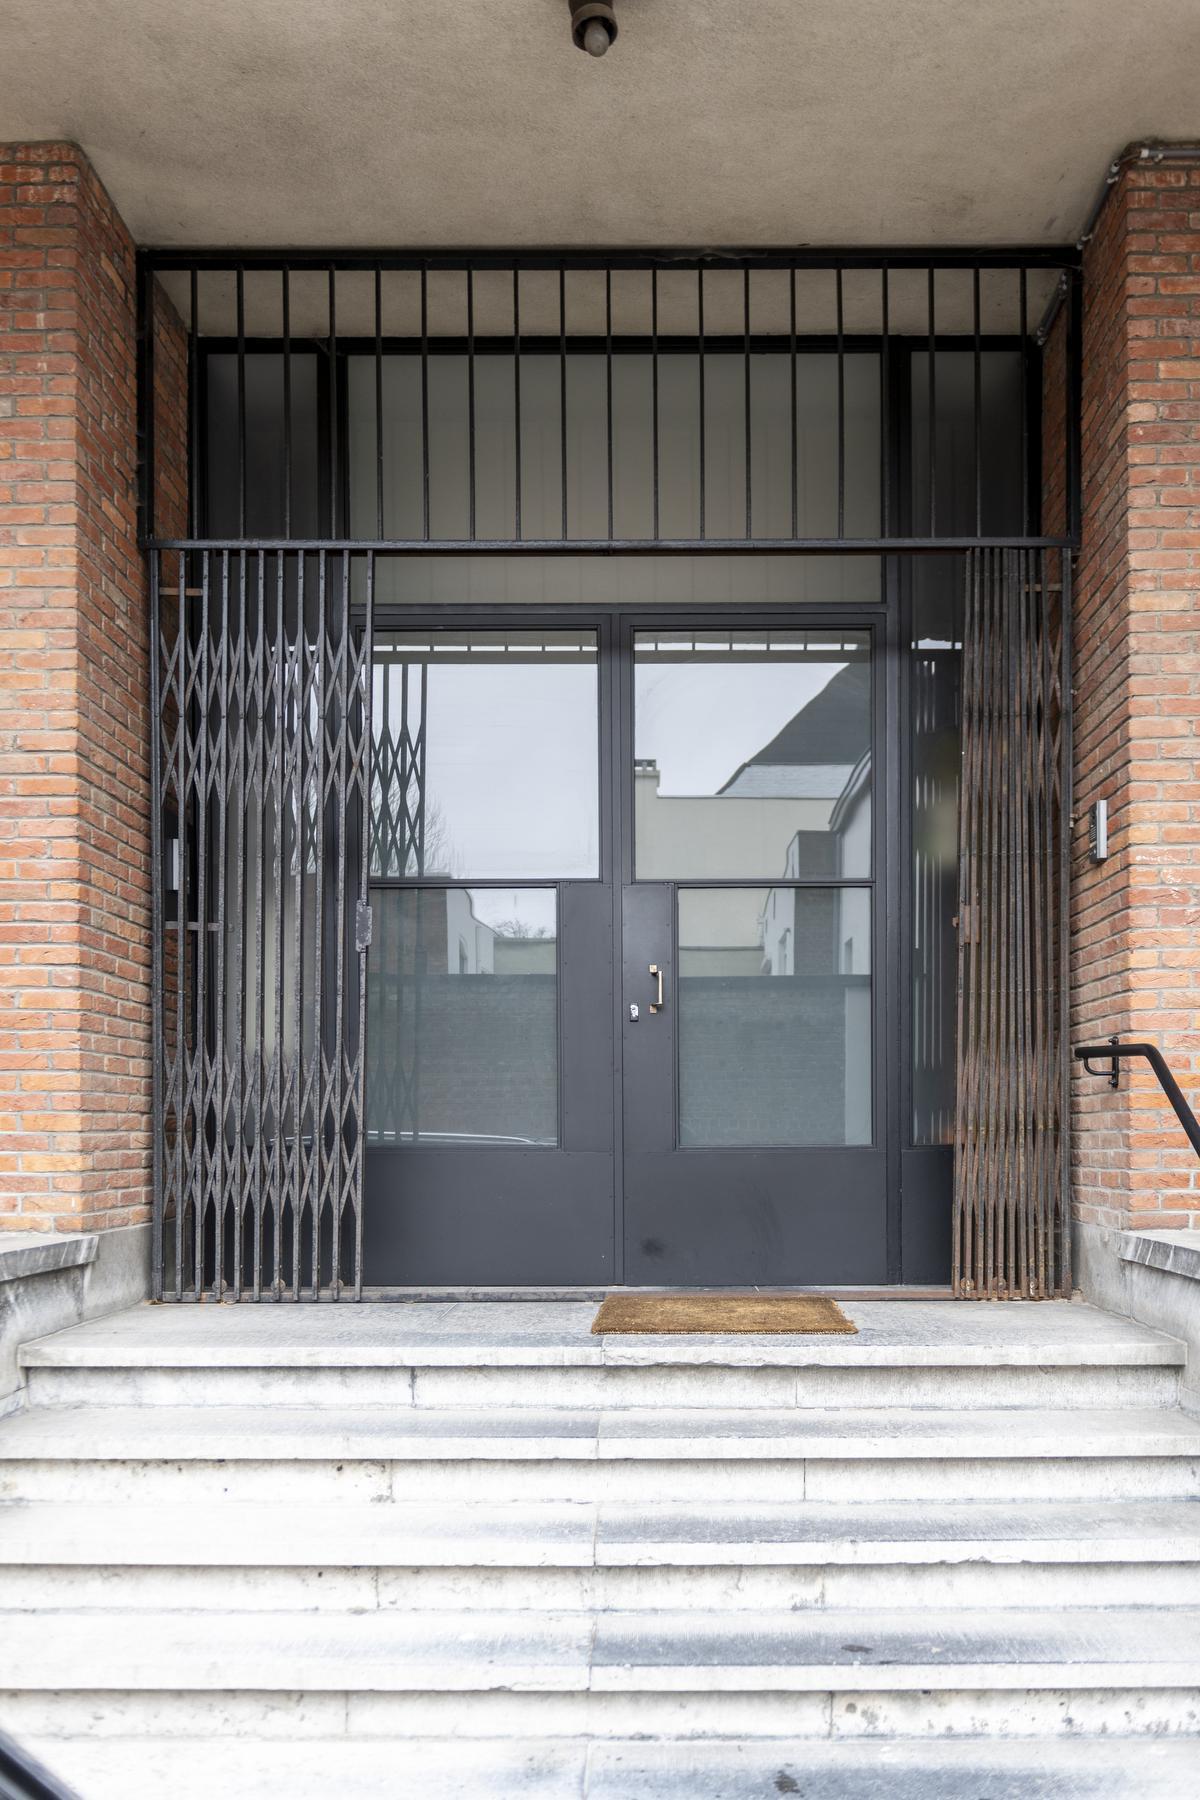 De indrukwekkende stalen voordeur geeft toegang tot twee privéwoningen in het gebouw.© Pieter Clicteur